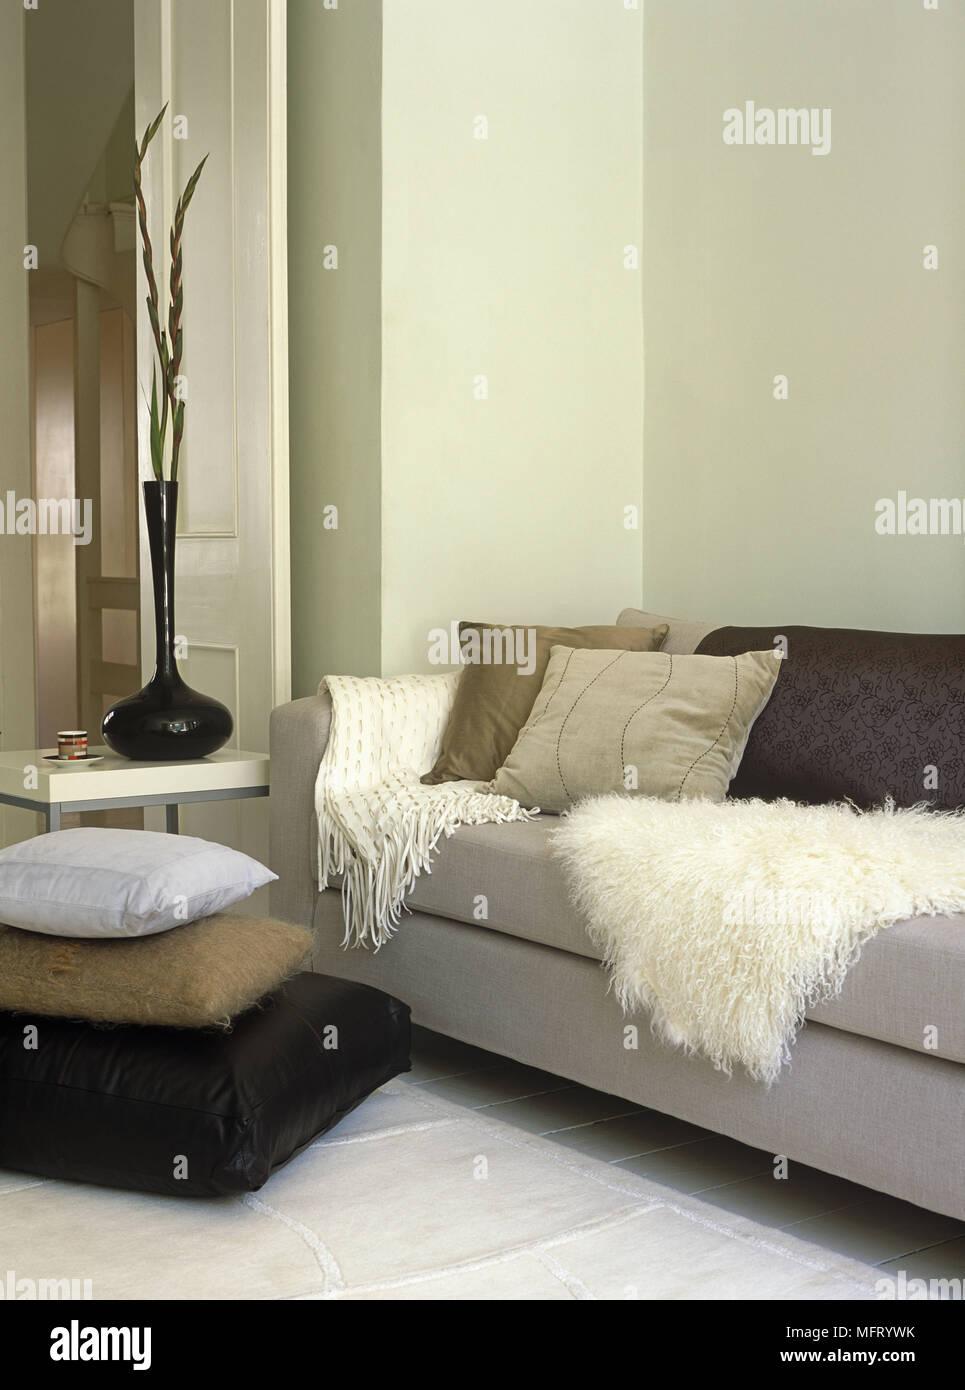 Kissen Auf Graue Sofa Weiter Tisch Mit Vase Seite Stockfoto Bild